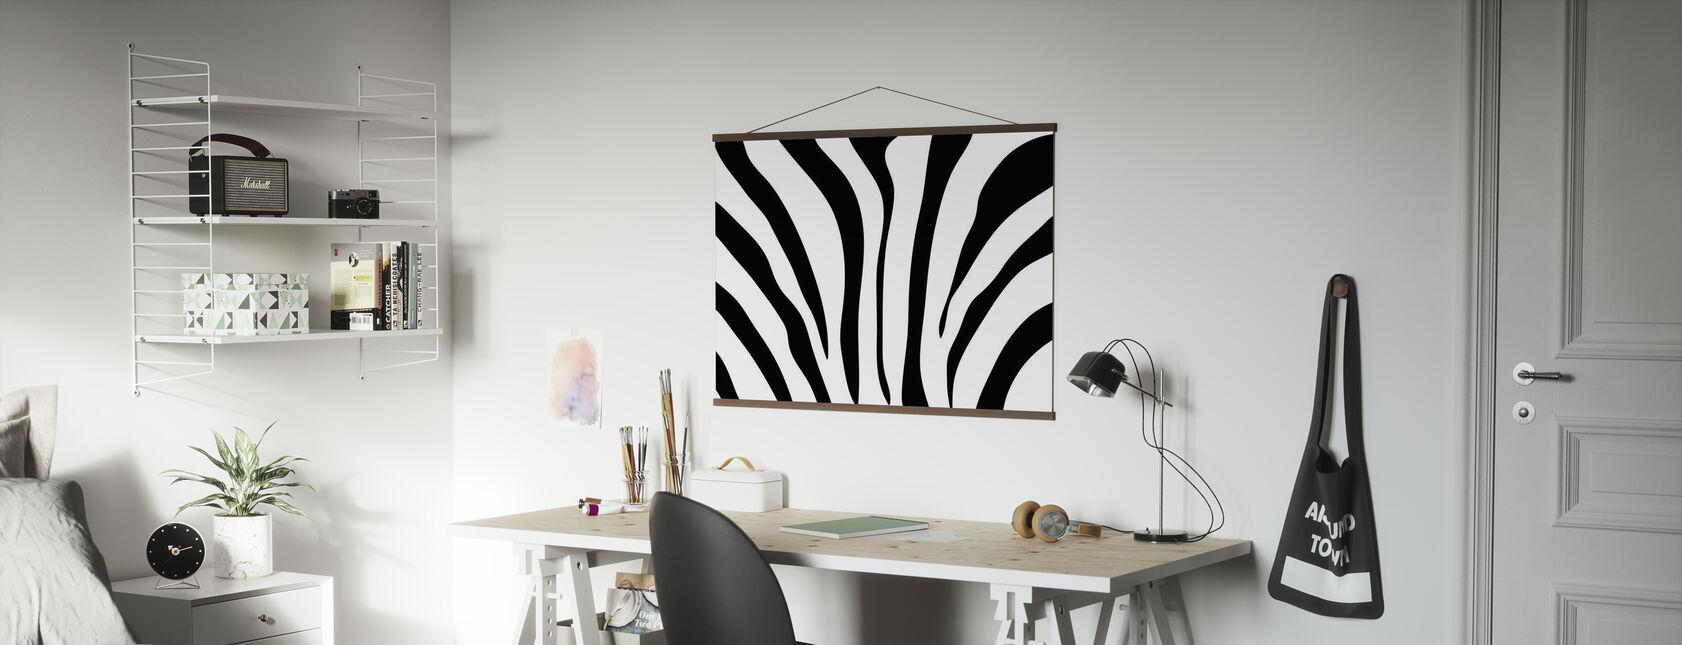 Zebra Textuur - Poster - Kantoor